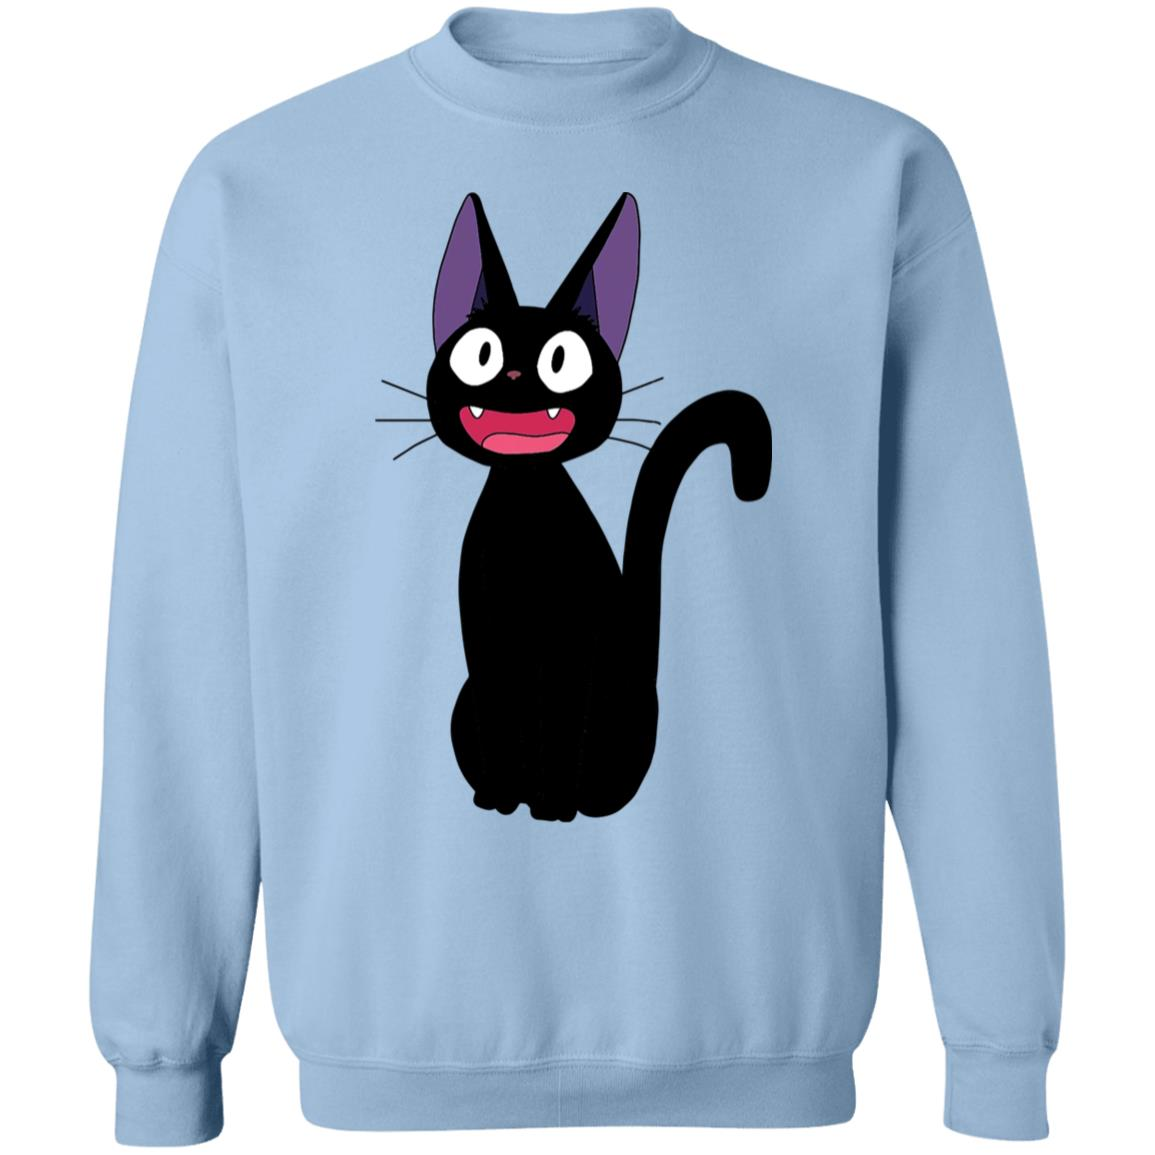 Kiki's Delivery Service  – Jiji Style 2 Sweatshirt